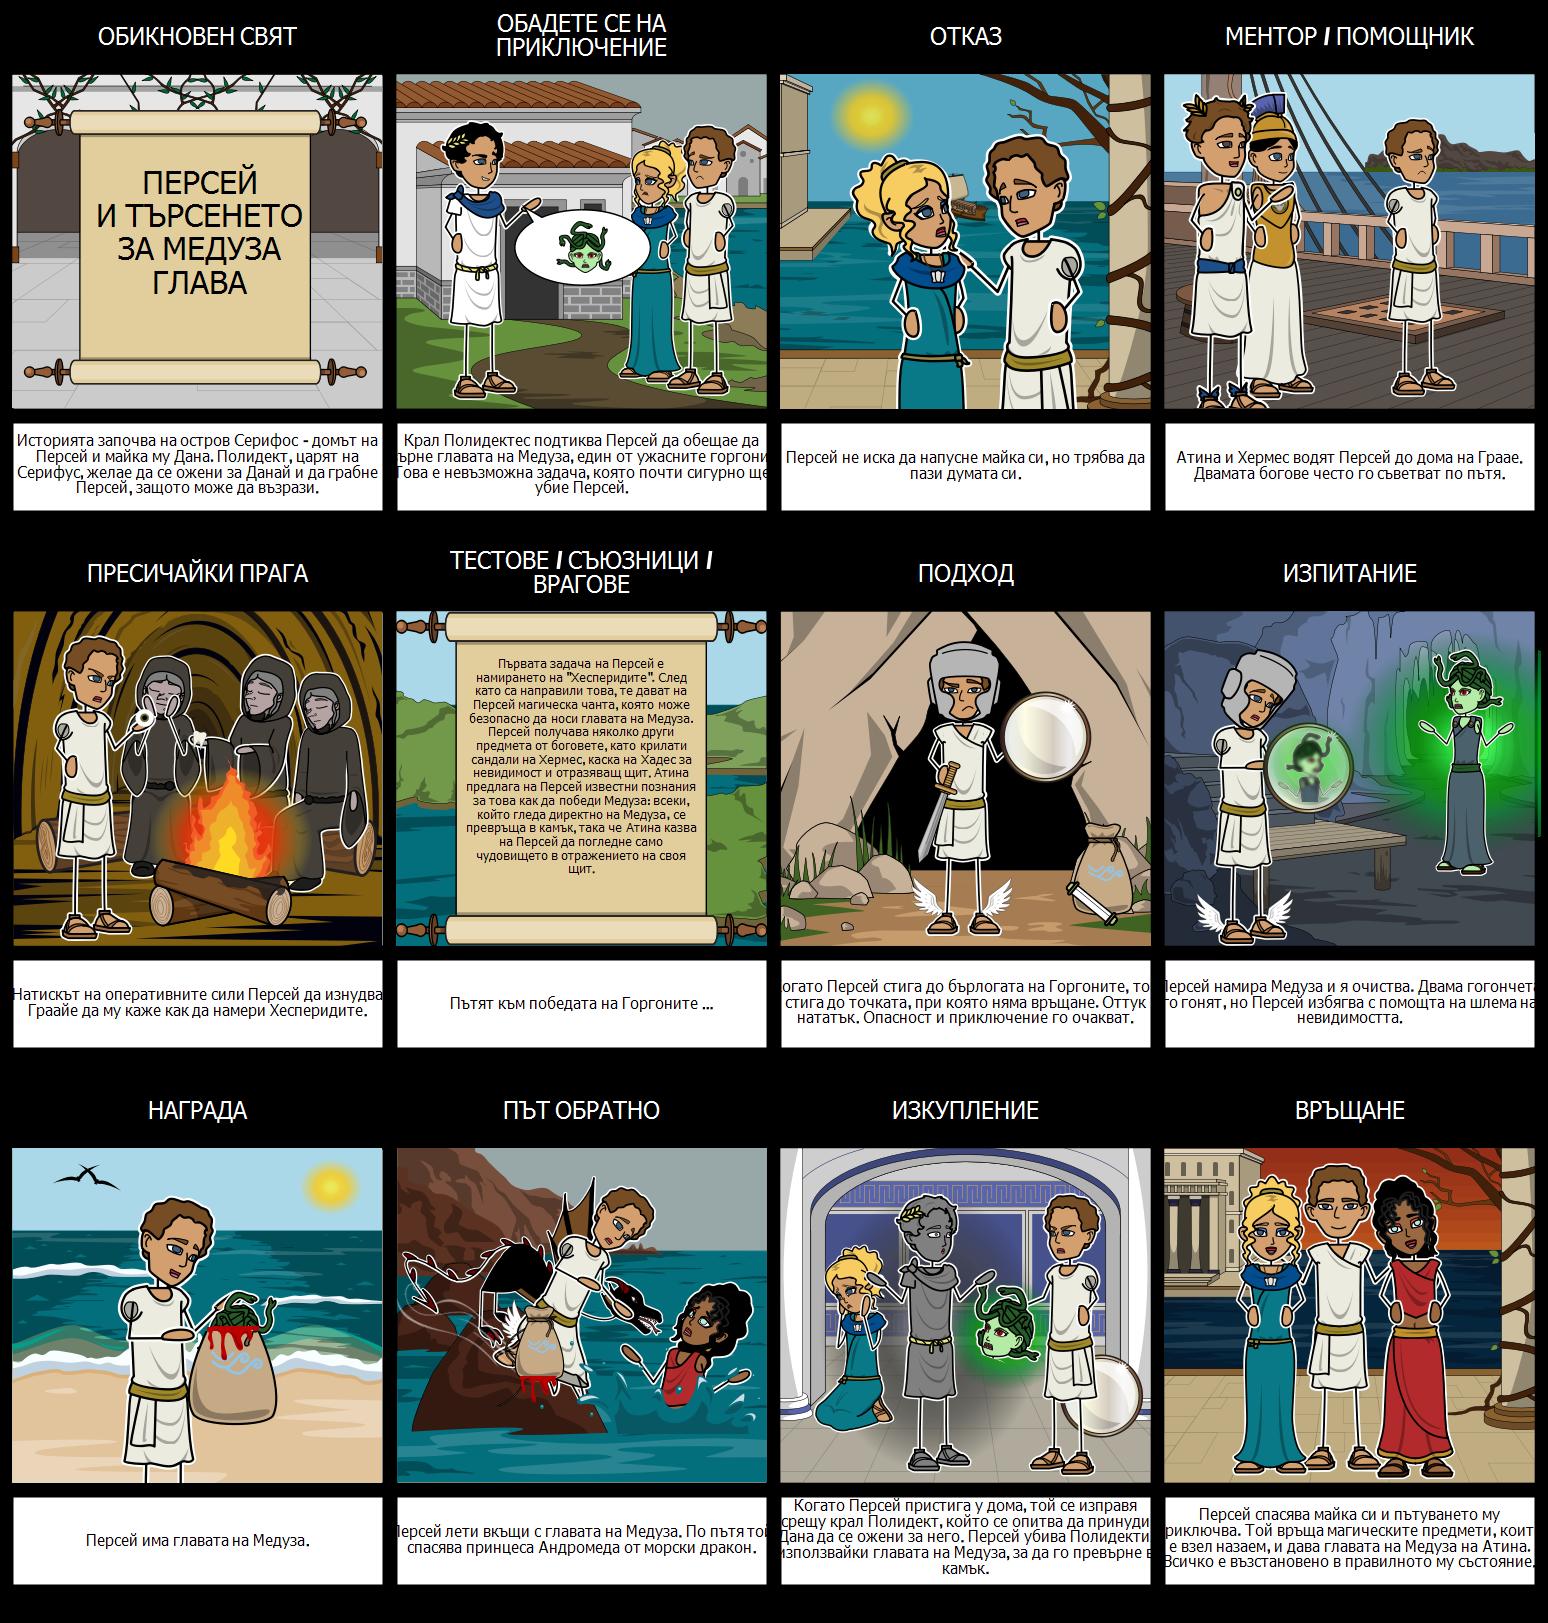 Гръцката Митология - Пътуване на Героя на Персей